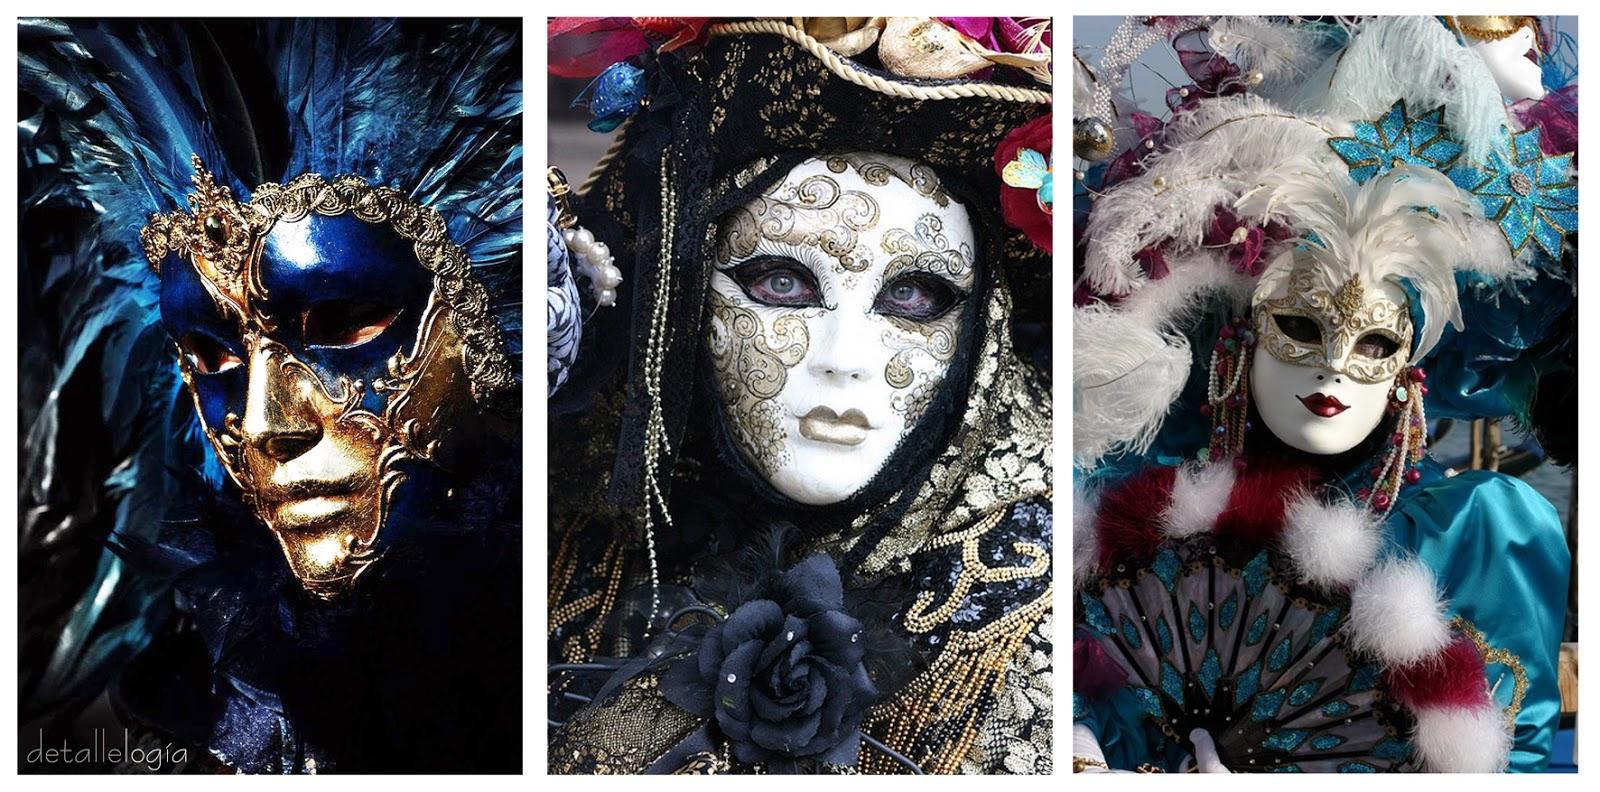 Detallelogia m scaras venecianas - Mascaras de carnaval de venecia ...